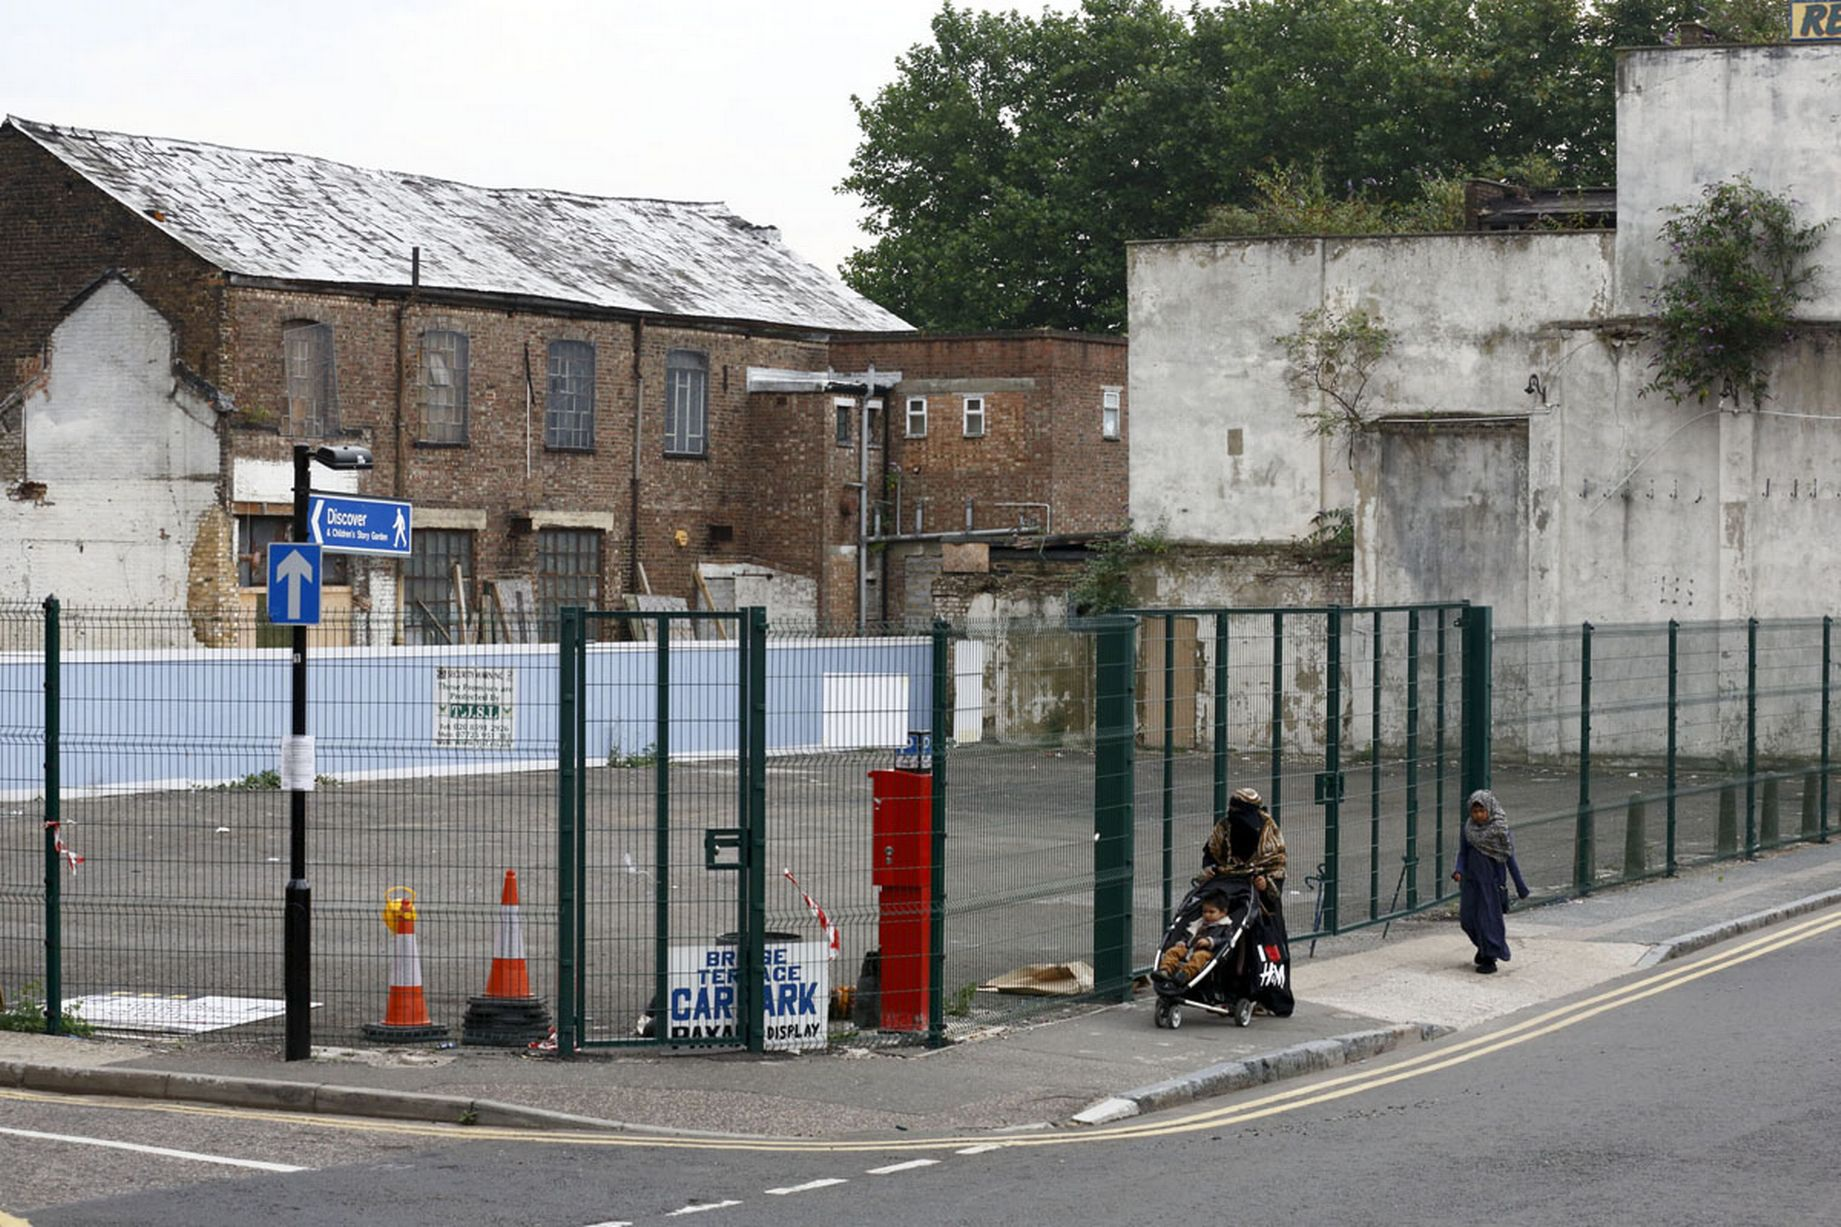 Một địa điểm đỗ xe ở Olympic London 2012 đã bị bỏ hoang